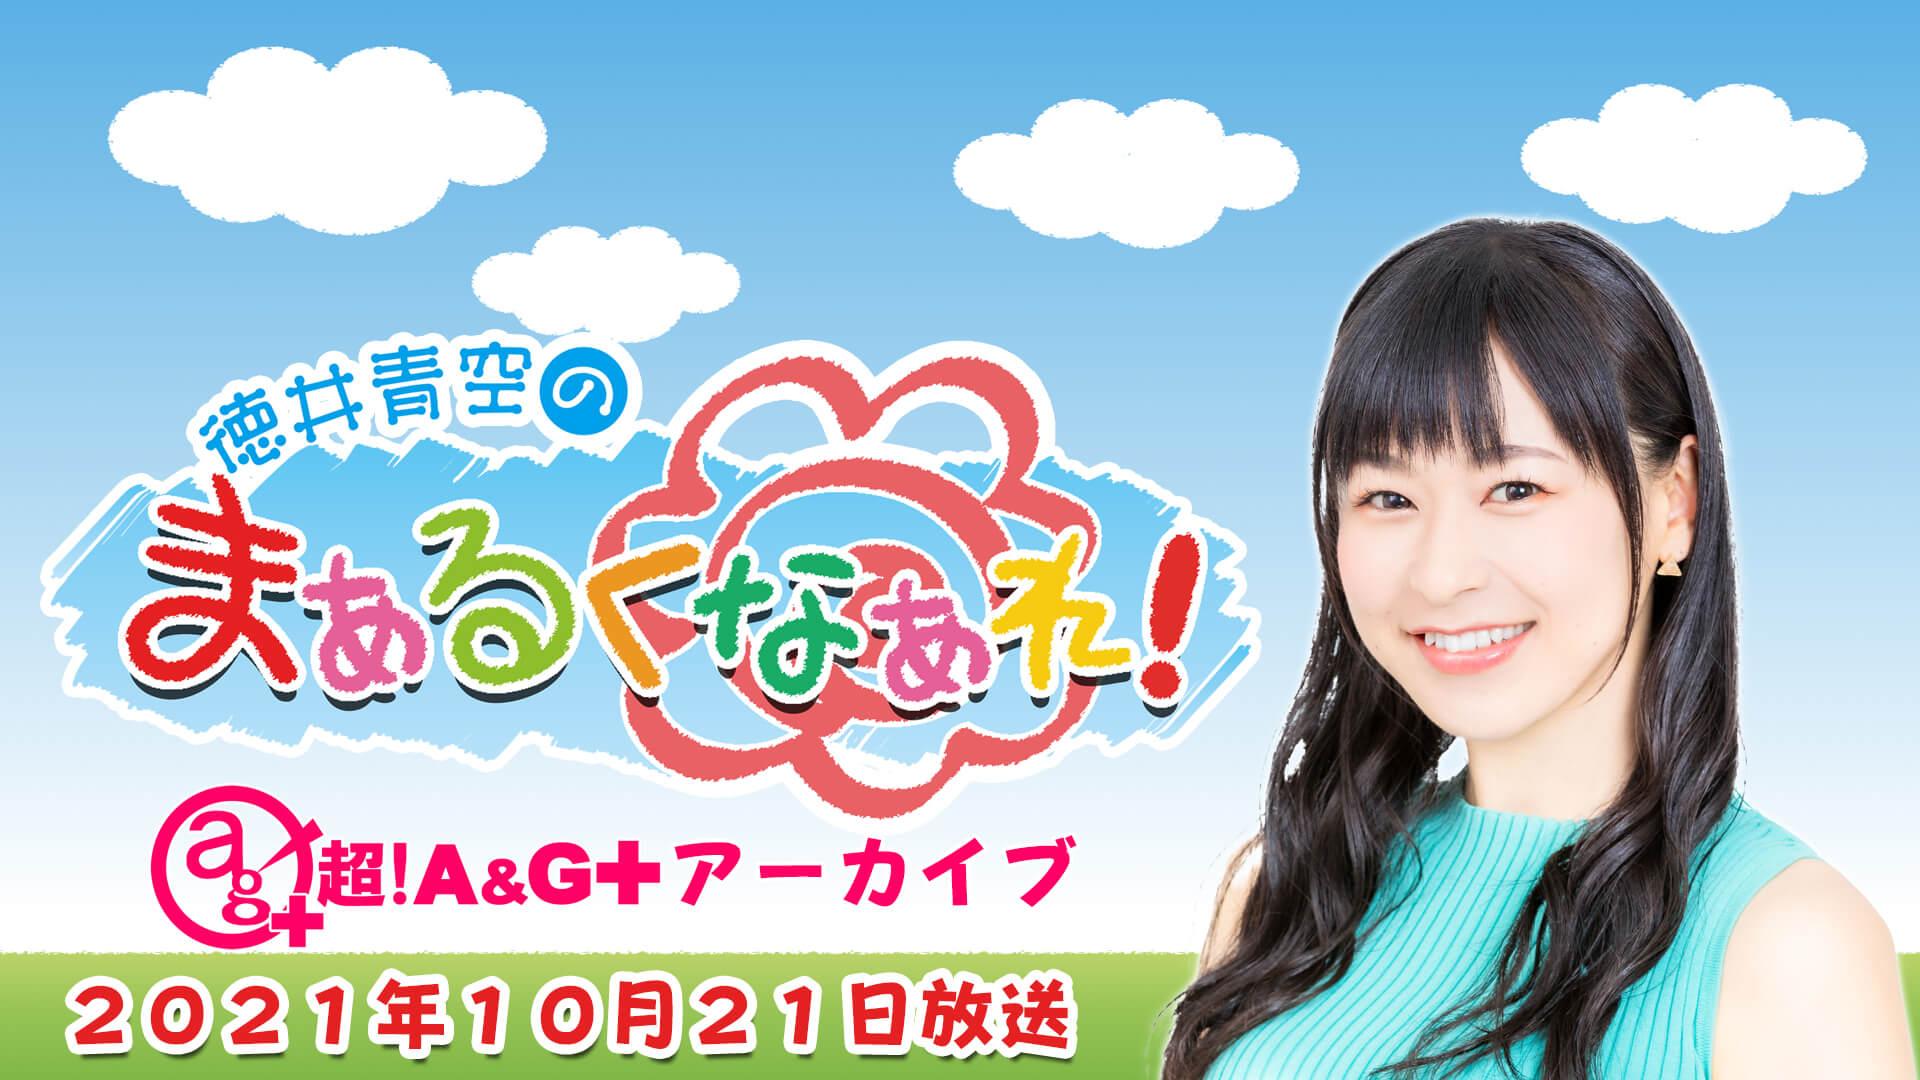 「徳井青空のまぁるくなぁれ!」10月21日放送分アーカイブ+おまけ動画更新